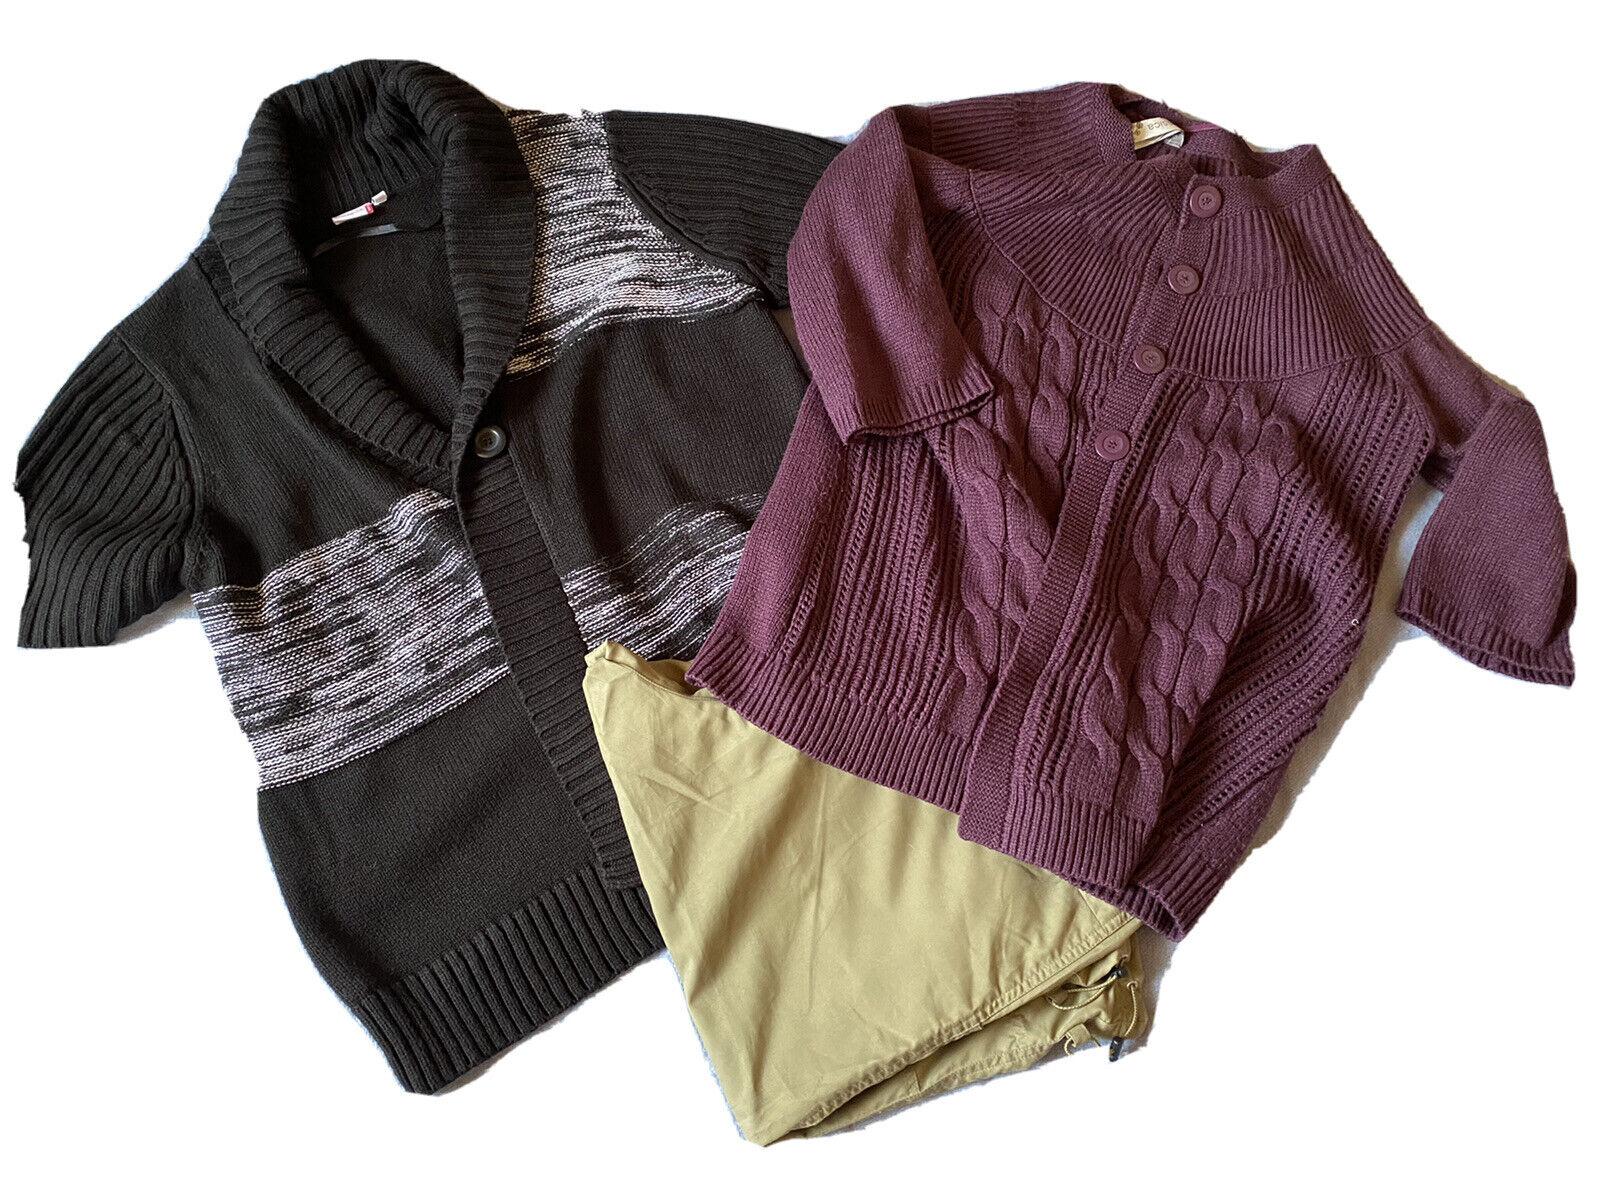 Kleidungs Paket 23 Teile Damen in Größe 44,46,L,XL (Capri-) Hosen Westen